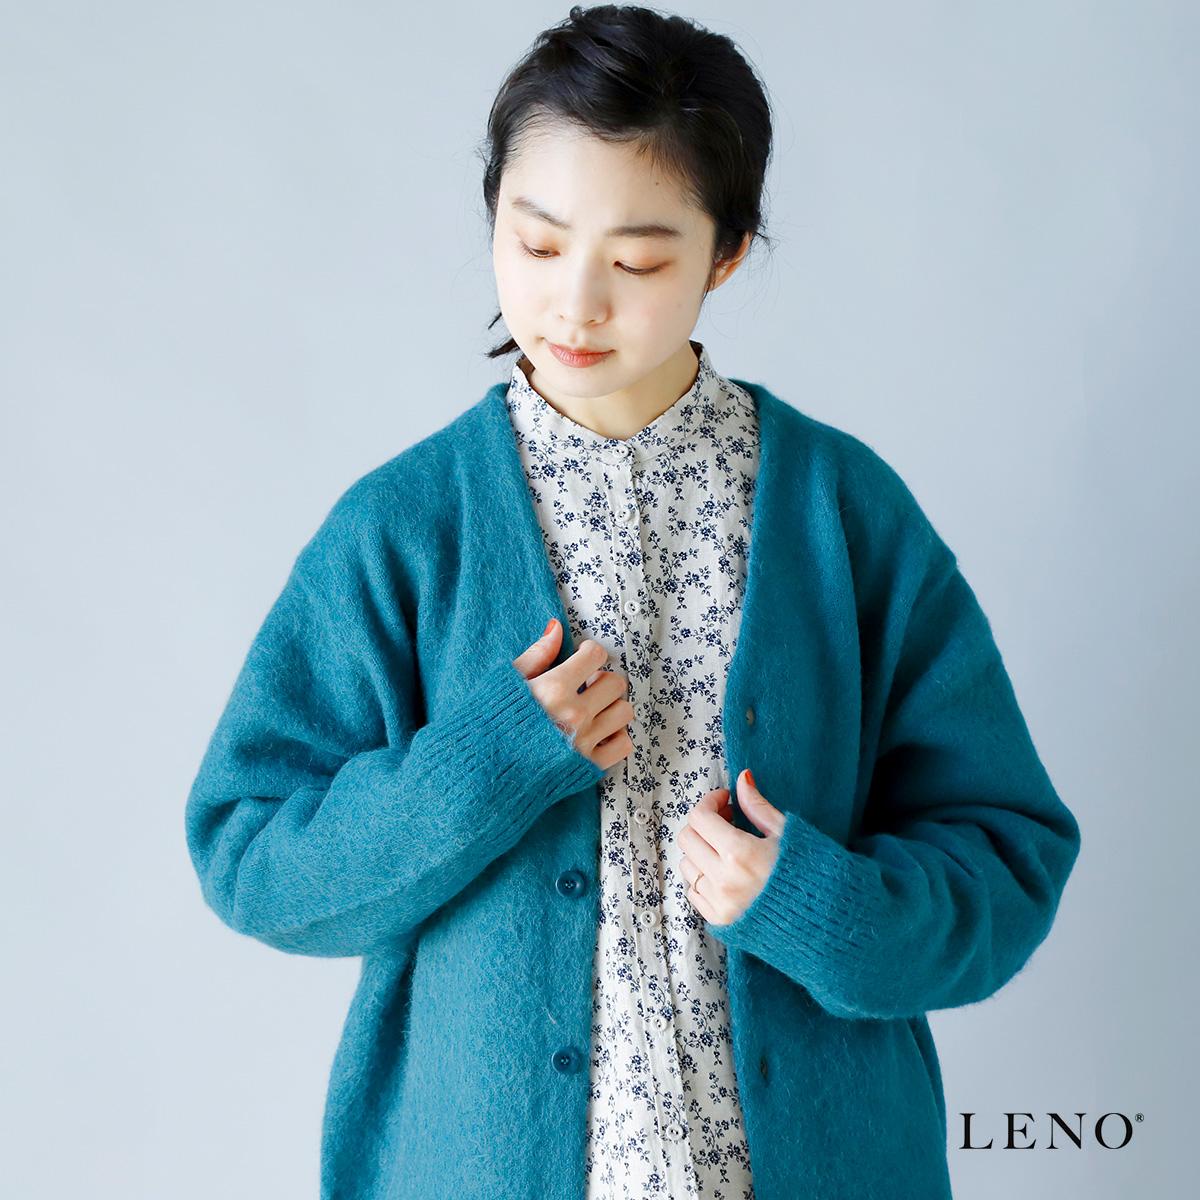 LENO(リノ)アルパカウールブラッシュドニットカーディガン leno-k003